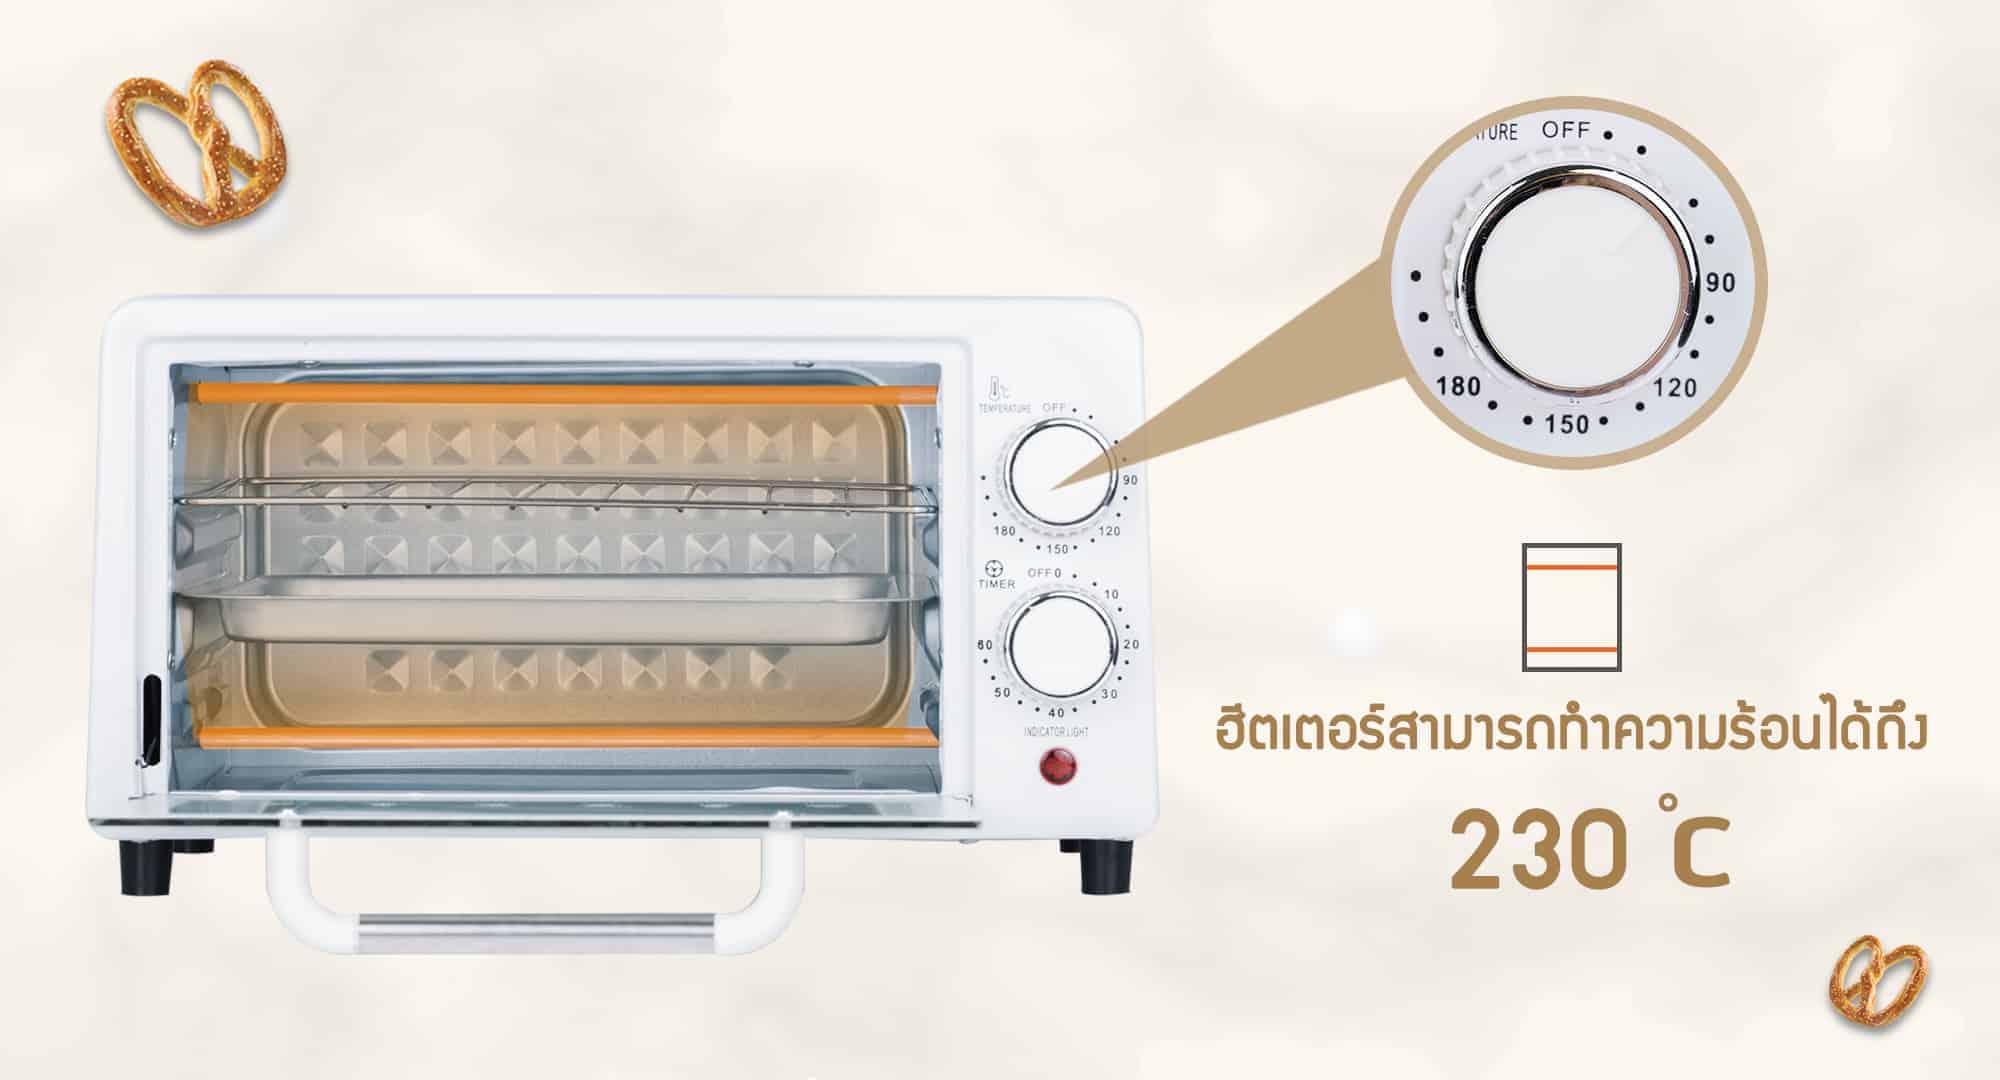 เตาอบขนมปัง-ระบบไฟ12